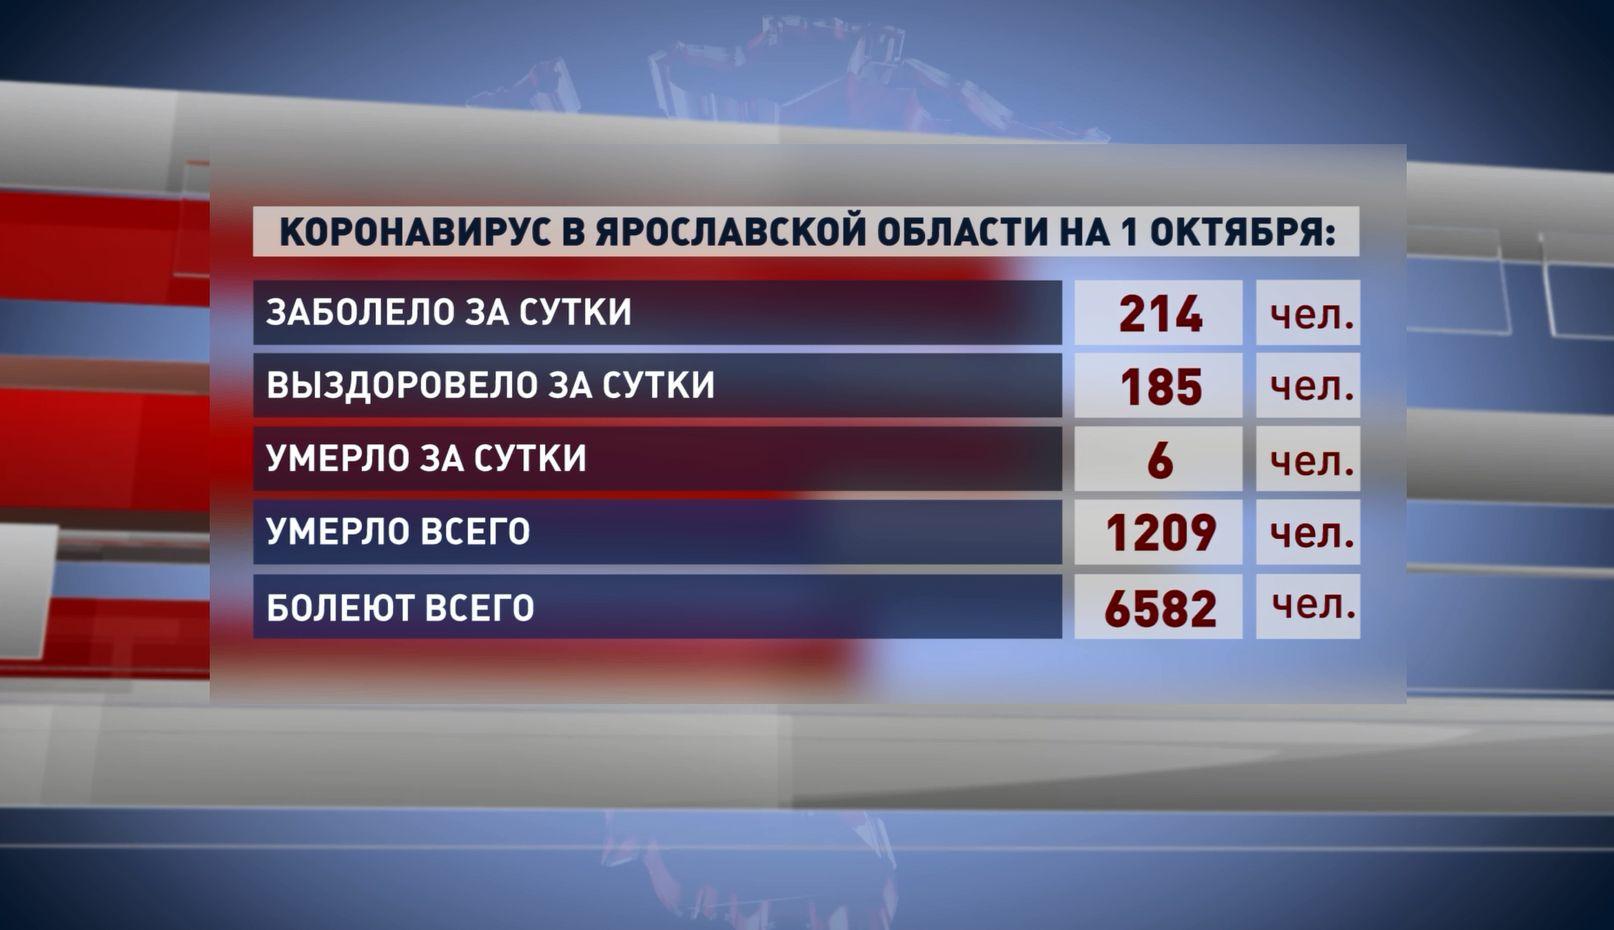 За последний день показатель заболевших ковидом в Ярославской области достиг максимума за весь период пандемии